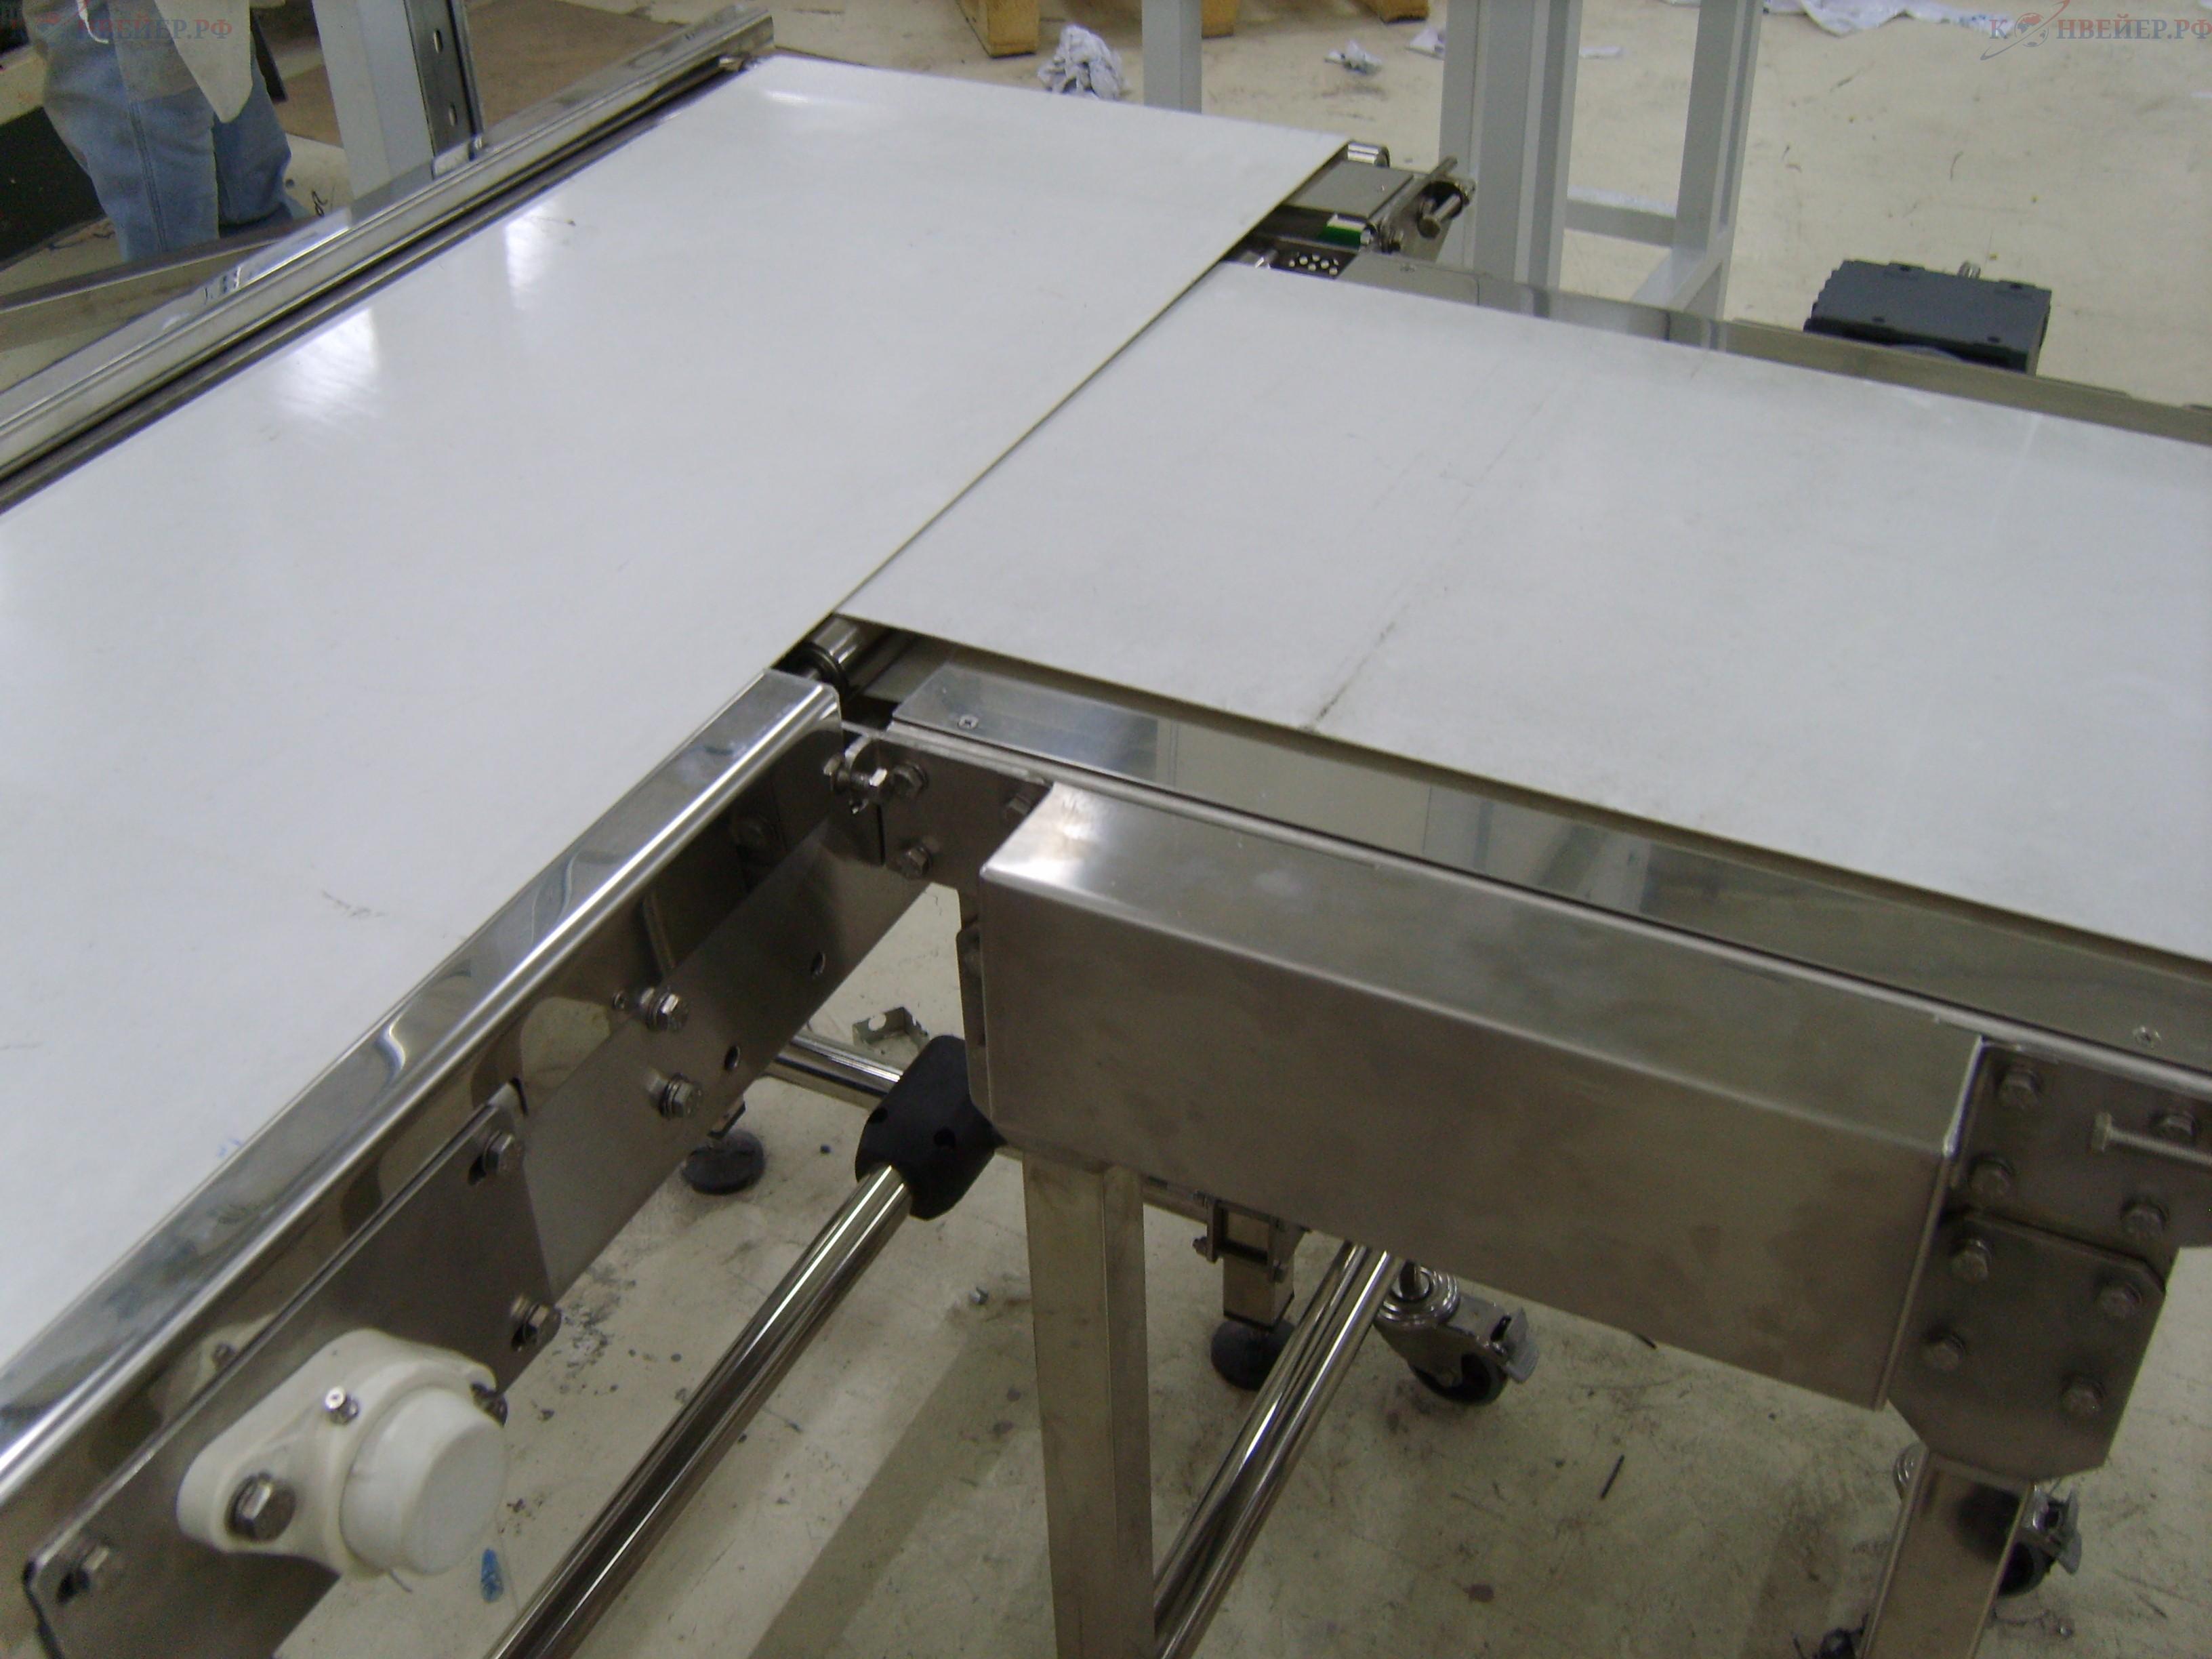 Ленточные конвейеры металлические пороги для транспортер т5